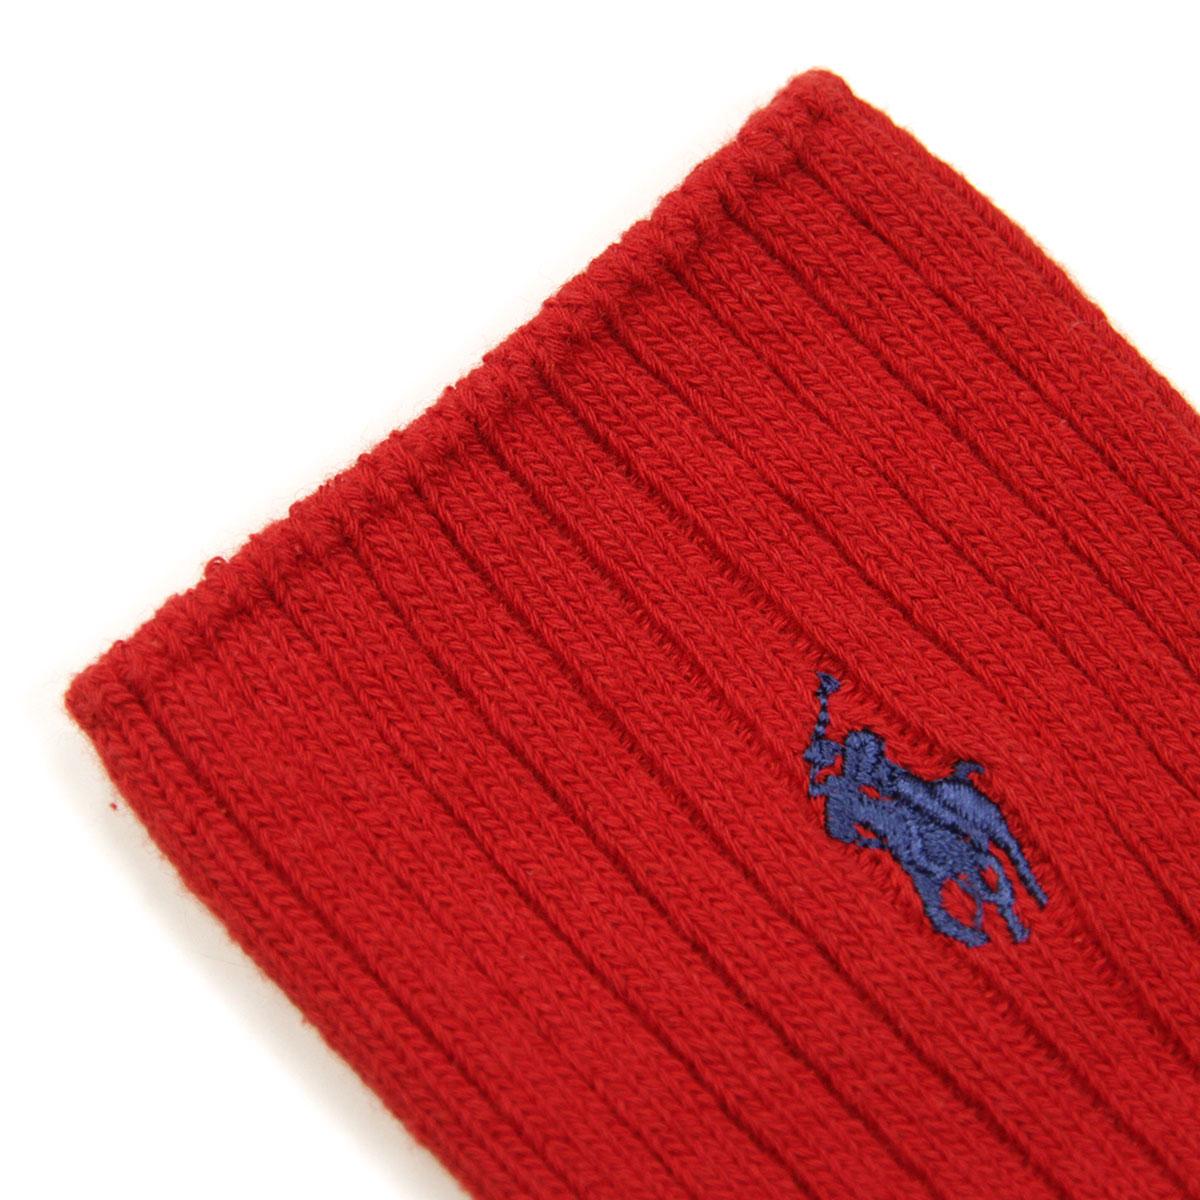 ポロ ラルフローレン ソックス メンズ 正規品 POLO RALPH LAUREN 靴下 クルーソックス COTTON RIB SINGLE SOCK RED - NAVY 601 - RED A05B B1C C7D D1E E11F